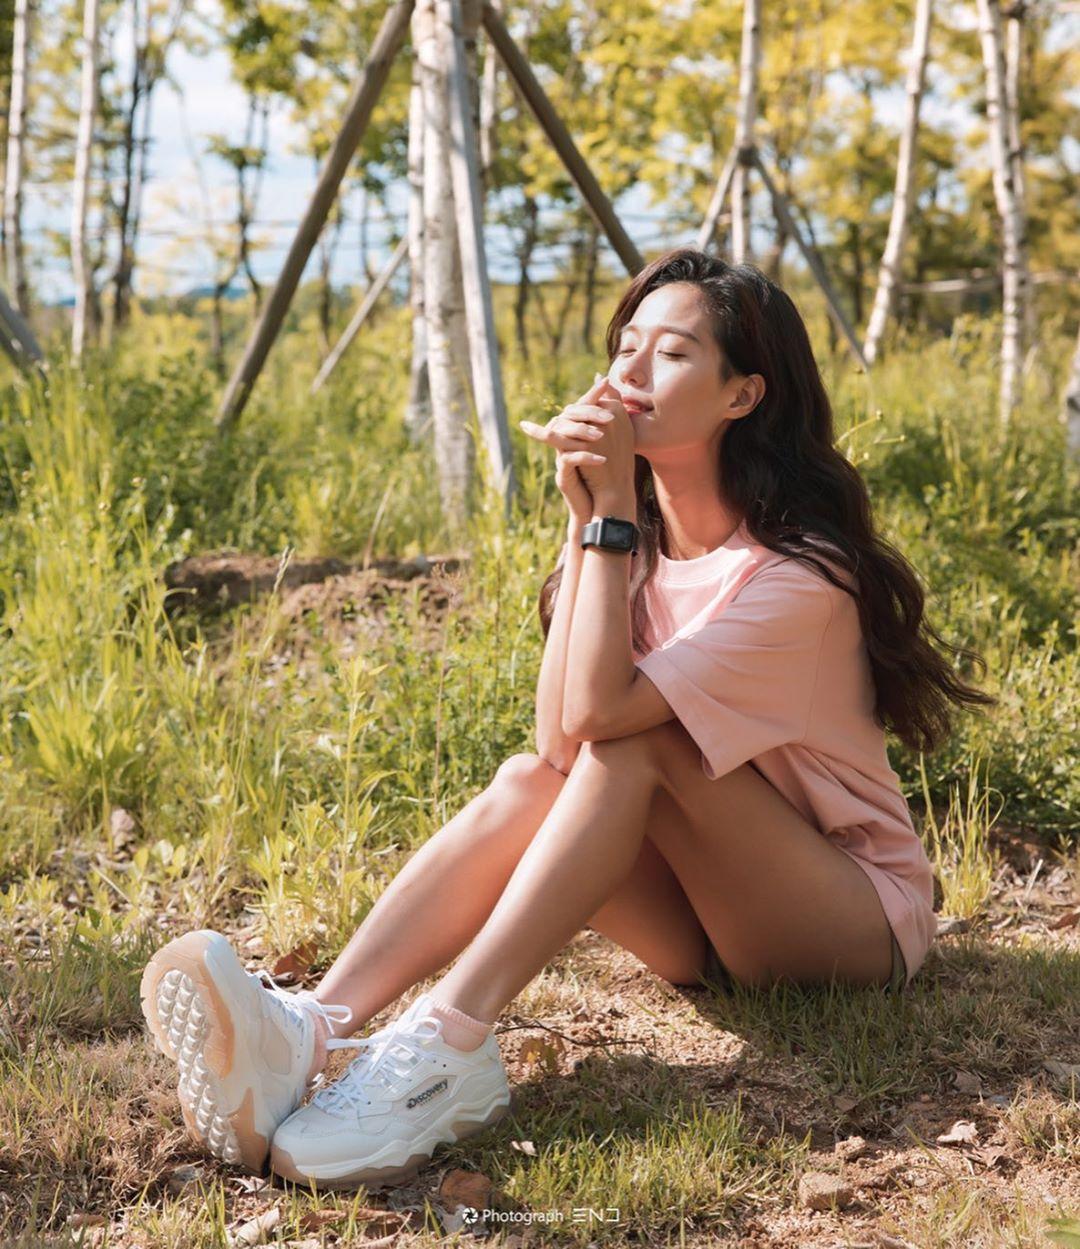 天菜单车女神「윤재원」小麦色身材曲线美到犯规 海边辣晒「浑圆蜜桃臀」